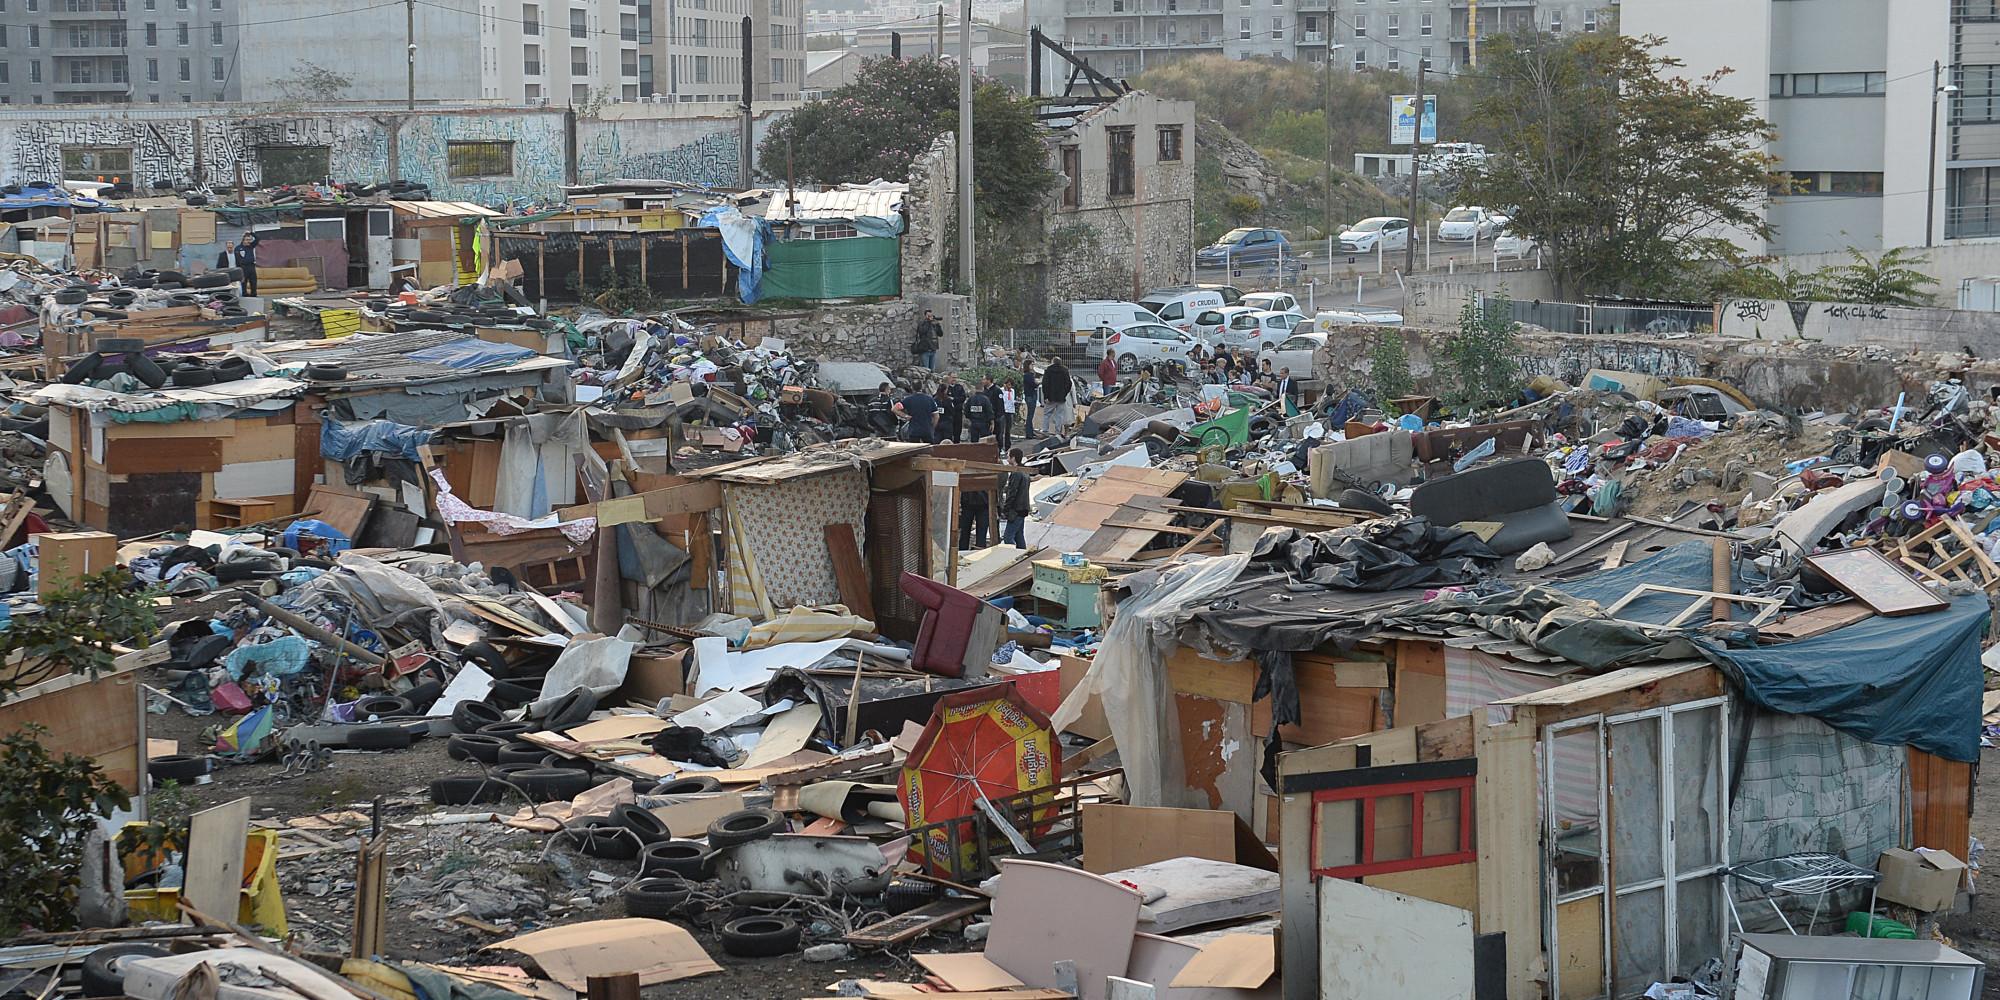 Marseille Le Plus Grand Campement De Roms De La Ville